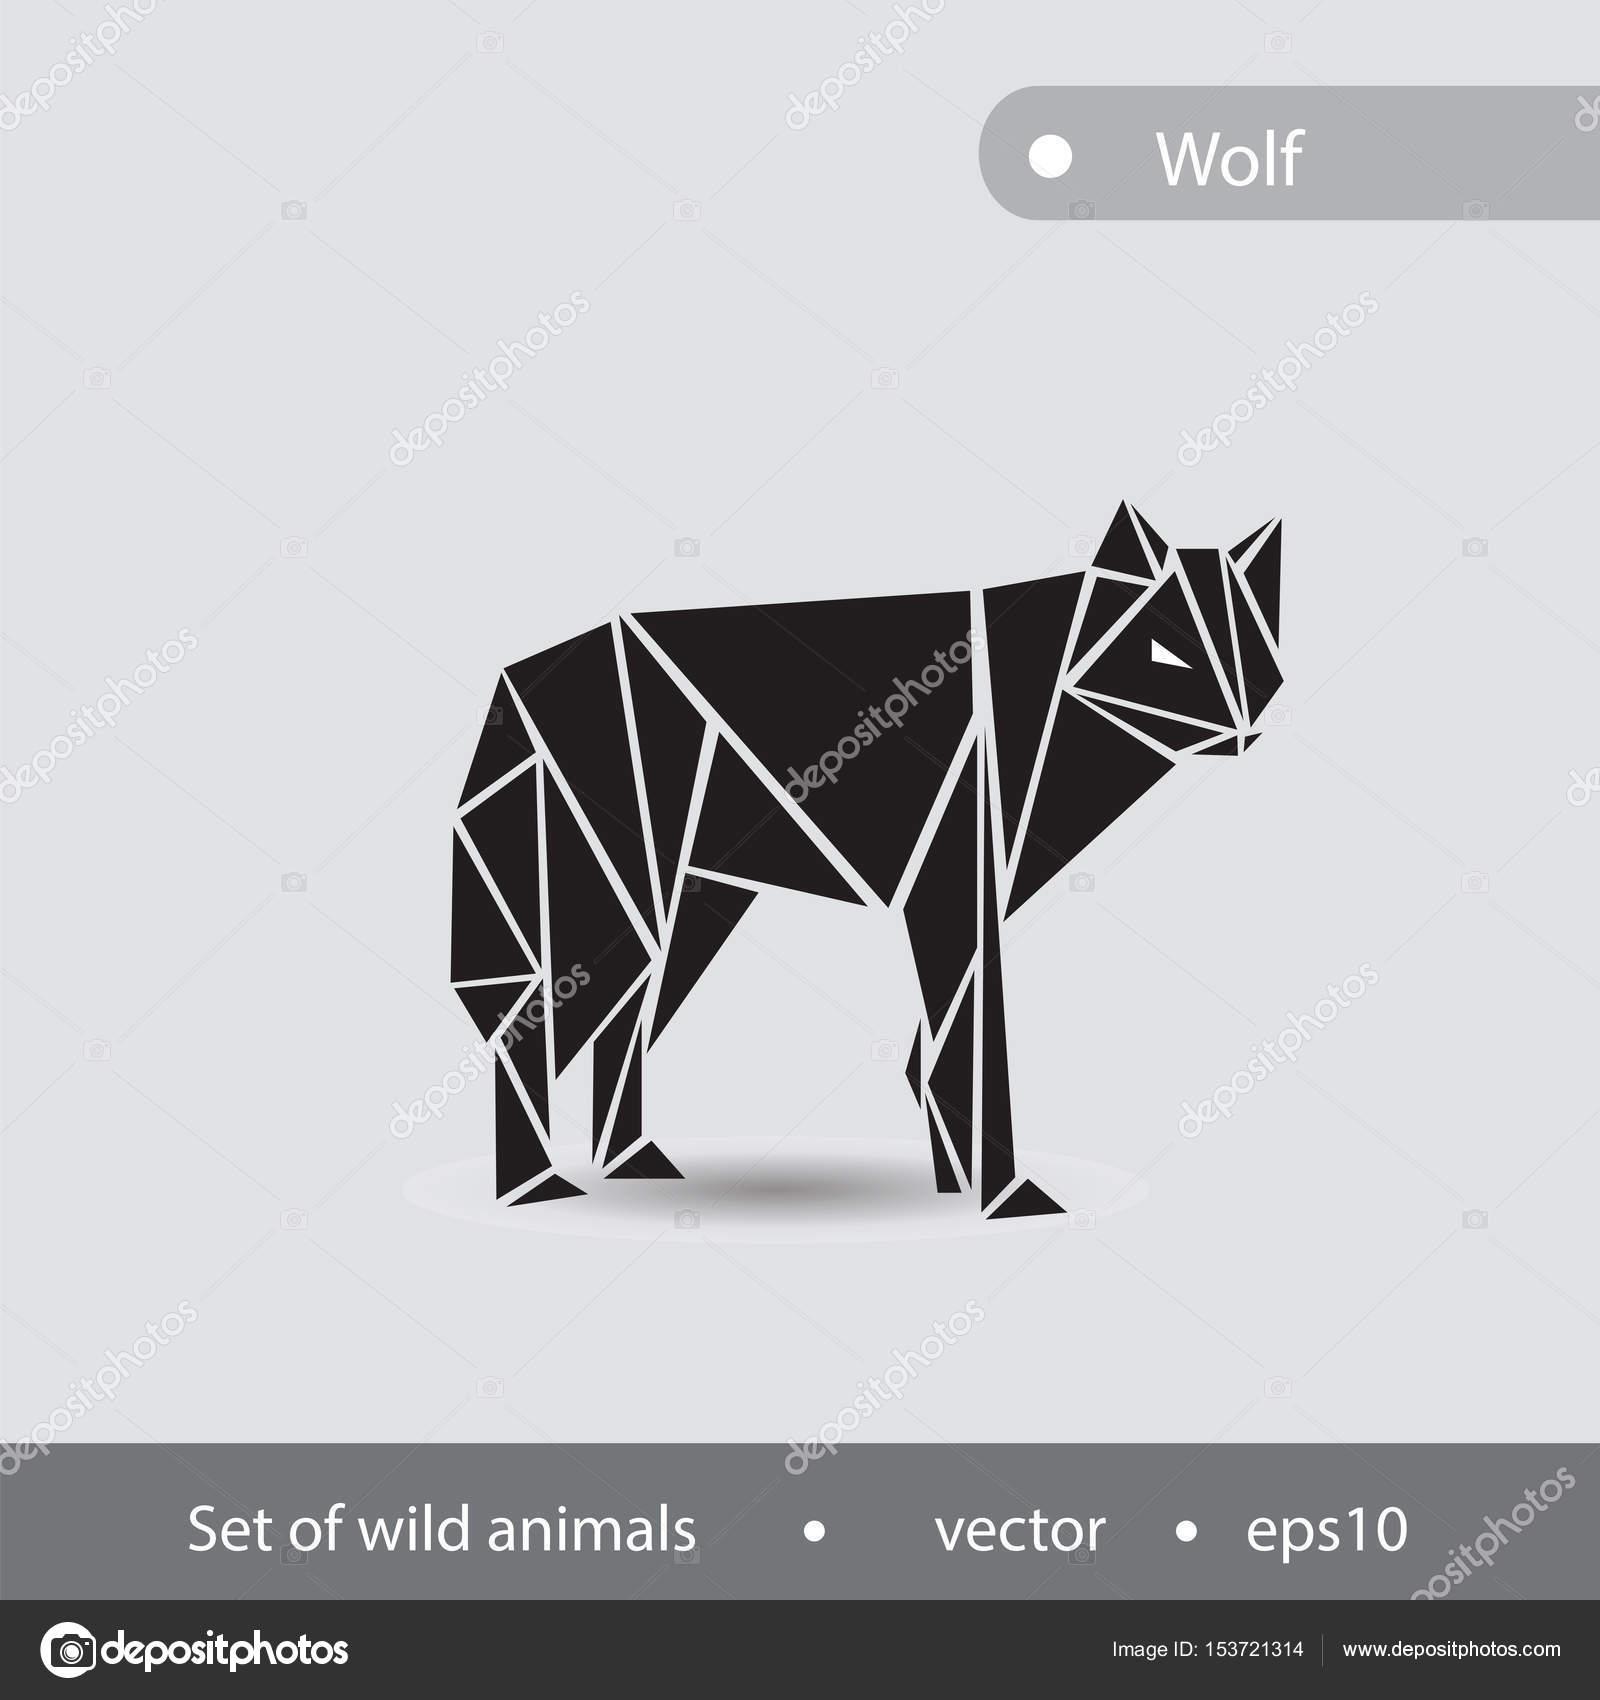 Imágenes Lobos Con Mensajes Blanco Y Negro La Imagen De Un Lobo